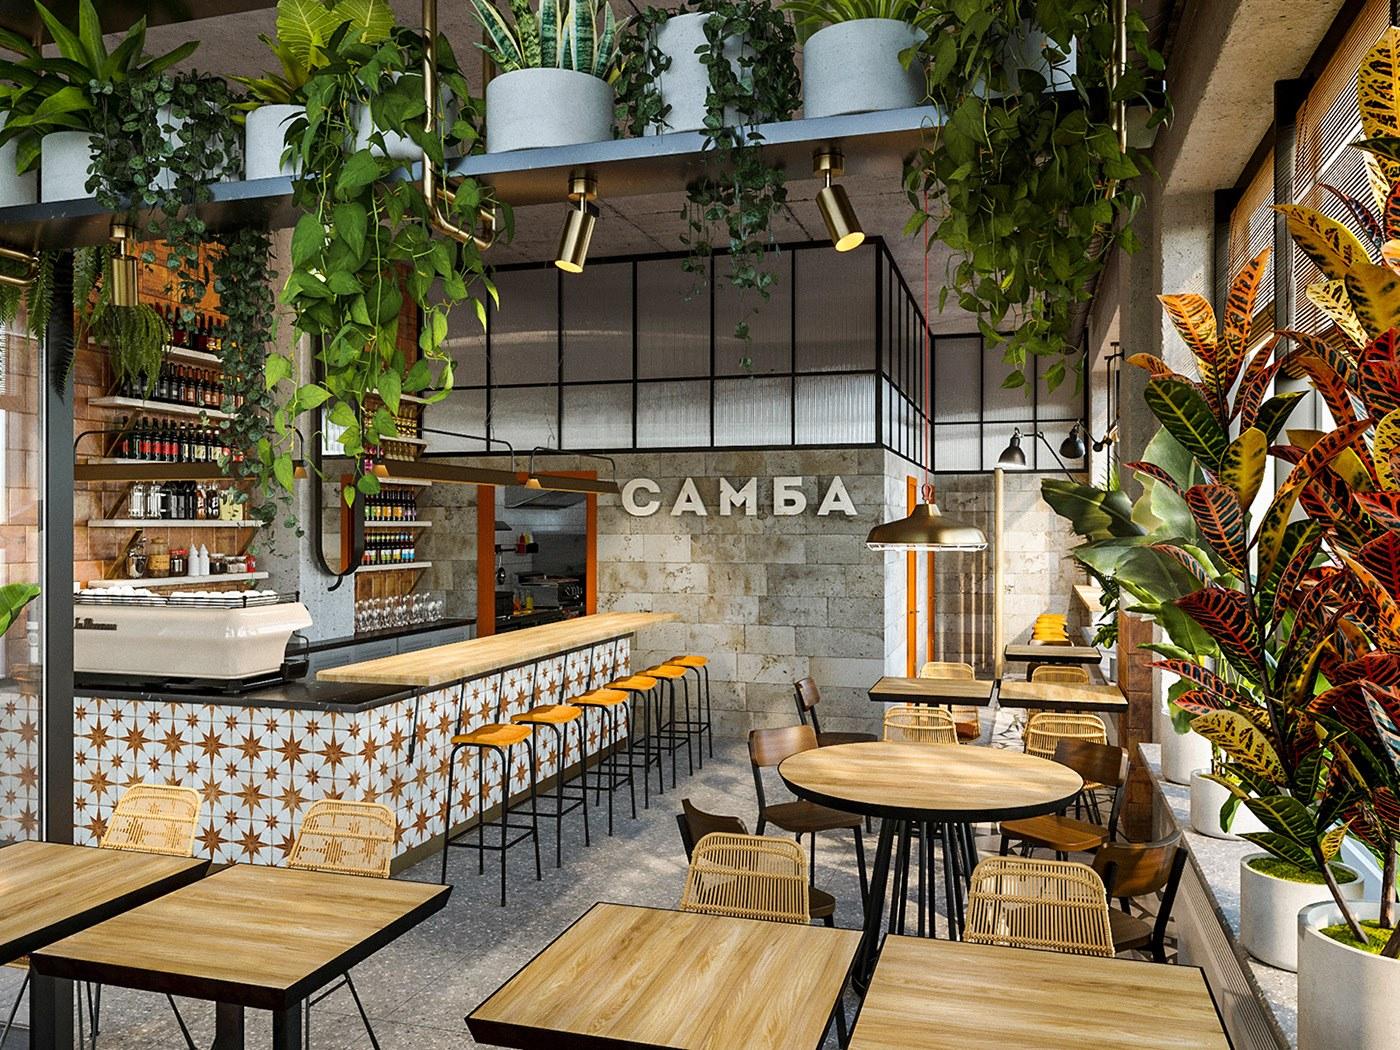 Mẫu thiết kế nội thất quán cà phê xanh